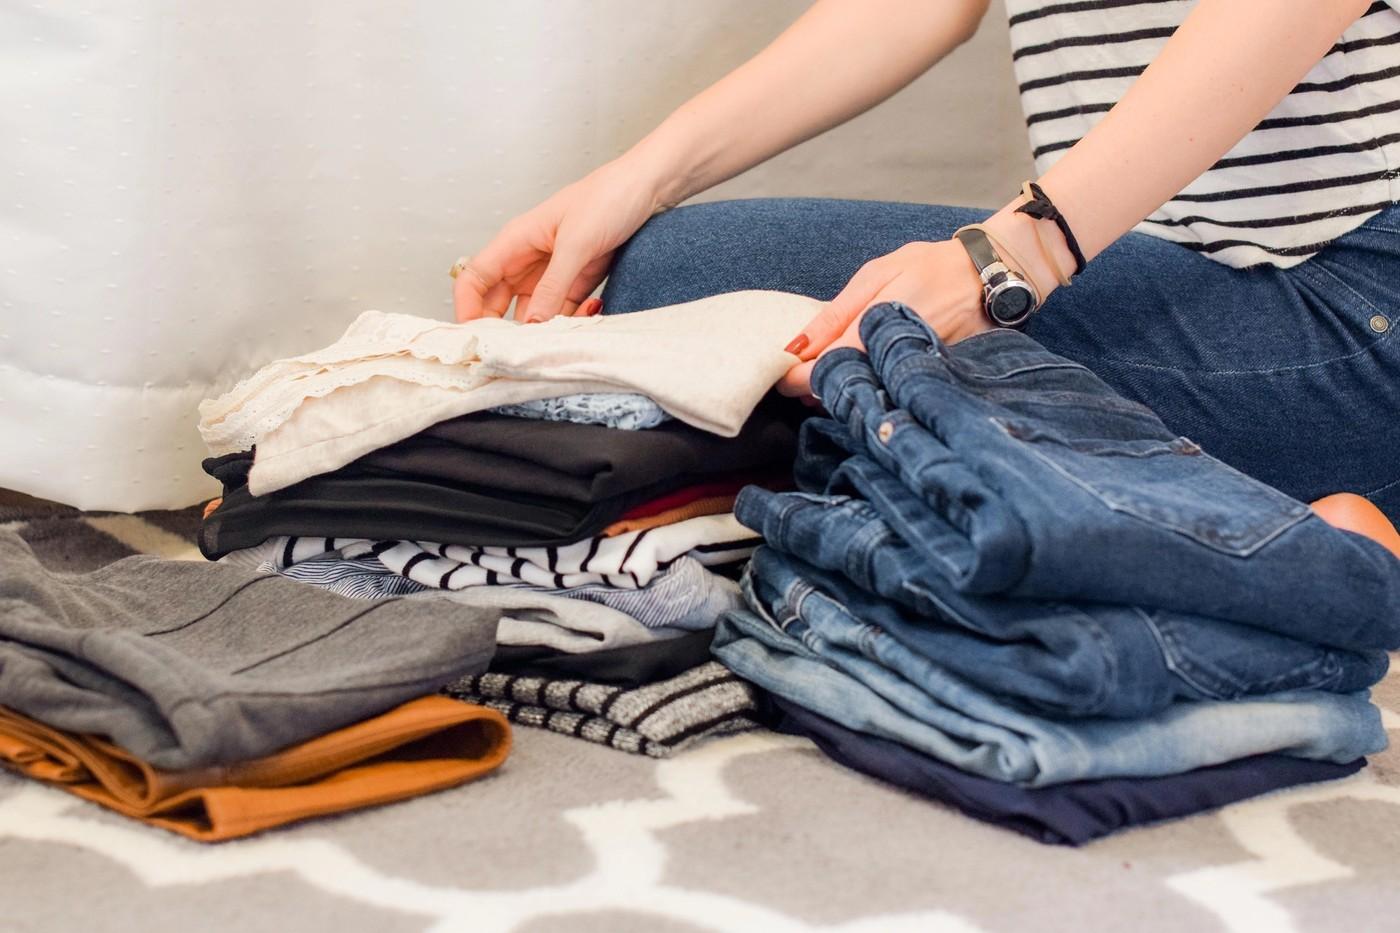 Une femme en train de recycler ses vêtements